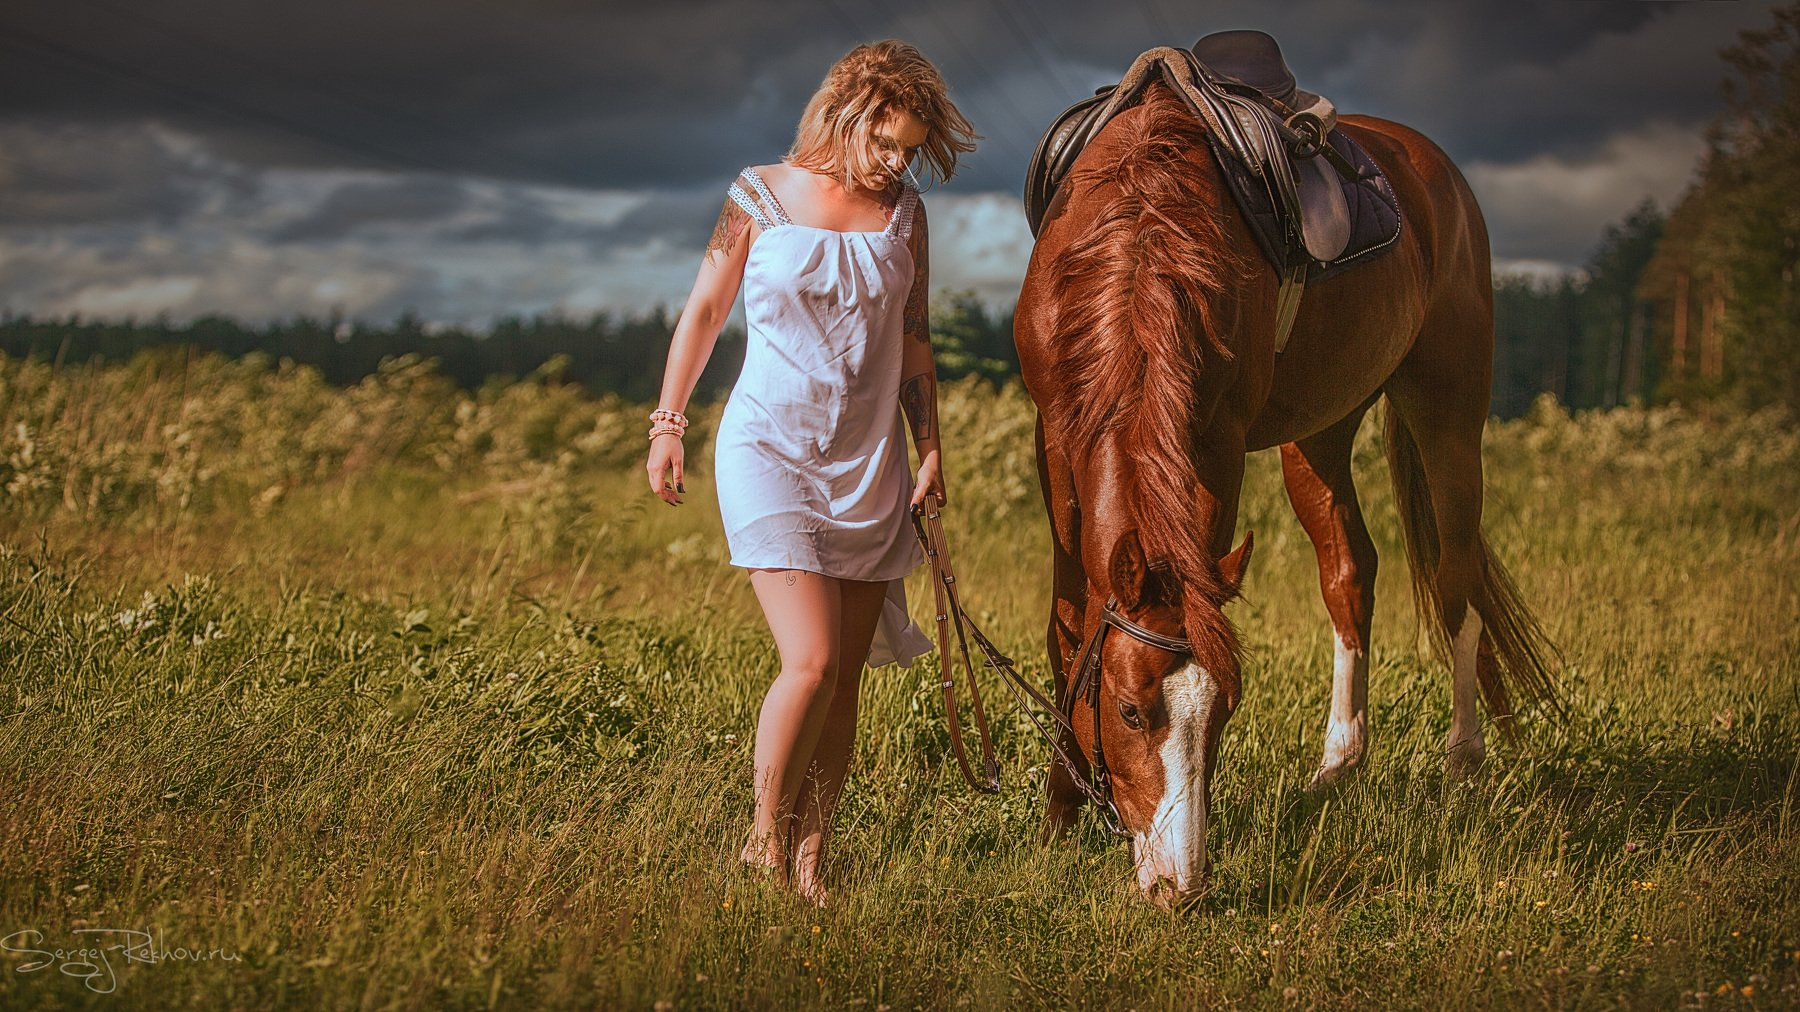 конь, девушка, конюшня, гроза, деревня, рехов, сергейрехов, Сергей Рехов